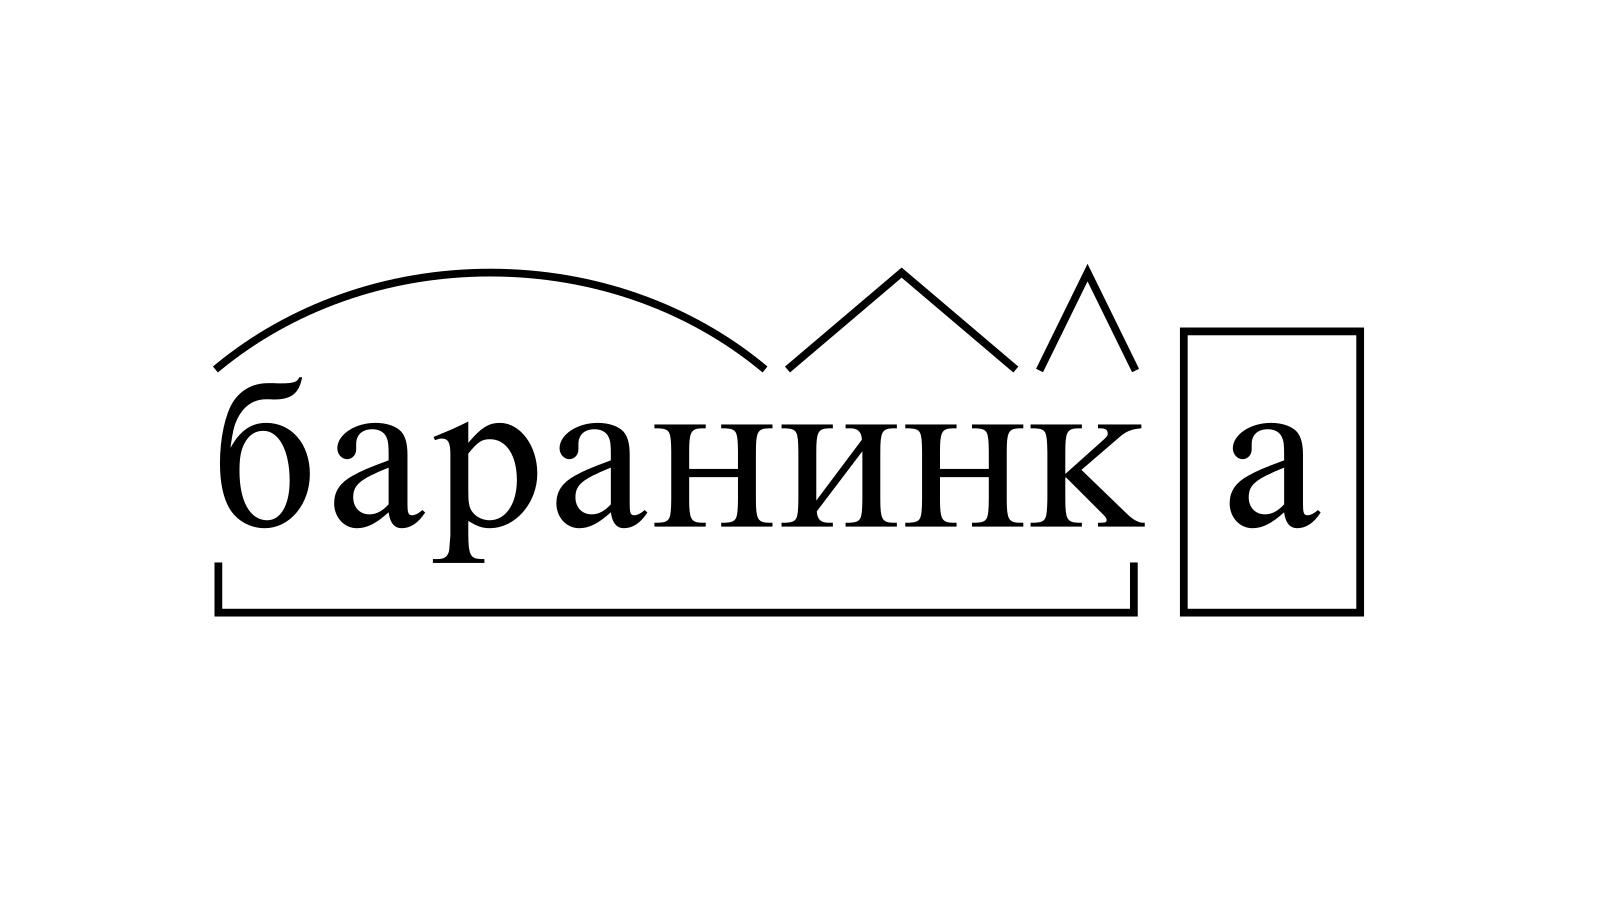 Разбор слова «баранинка» по составу